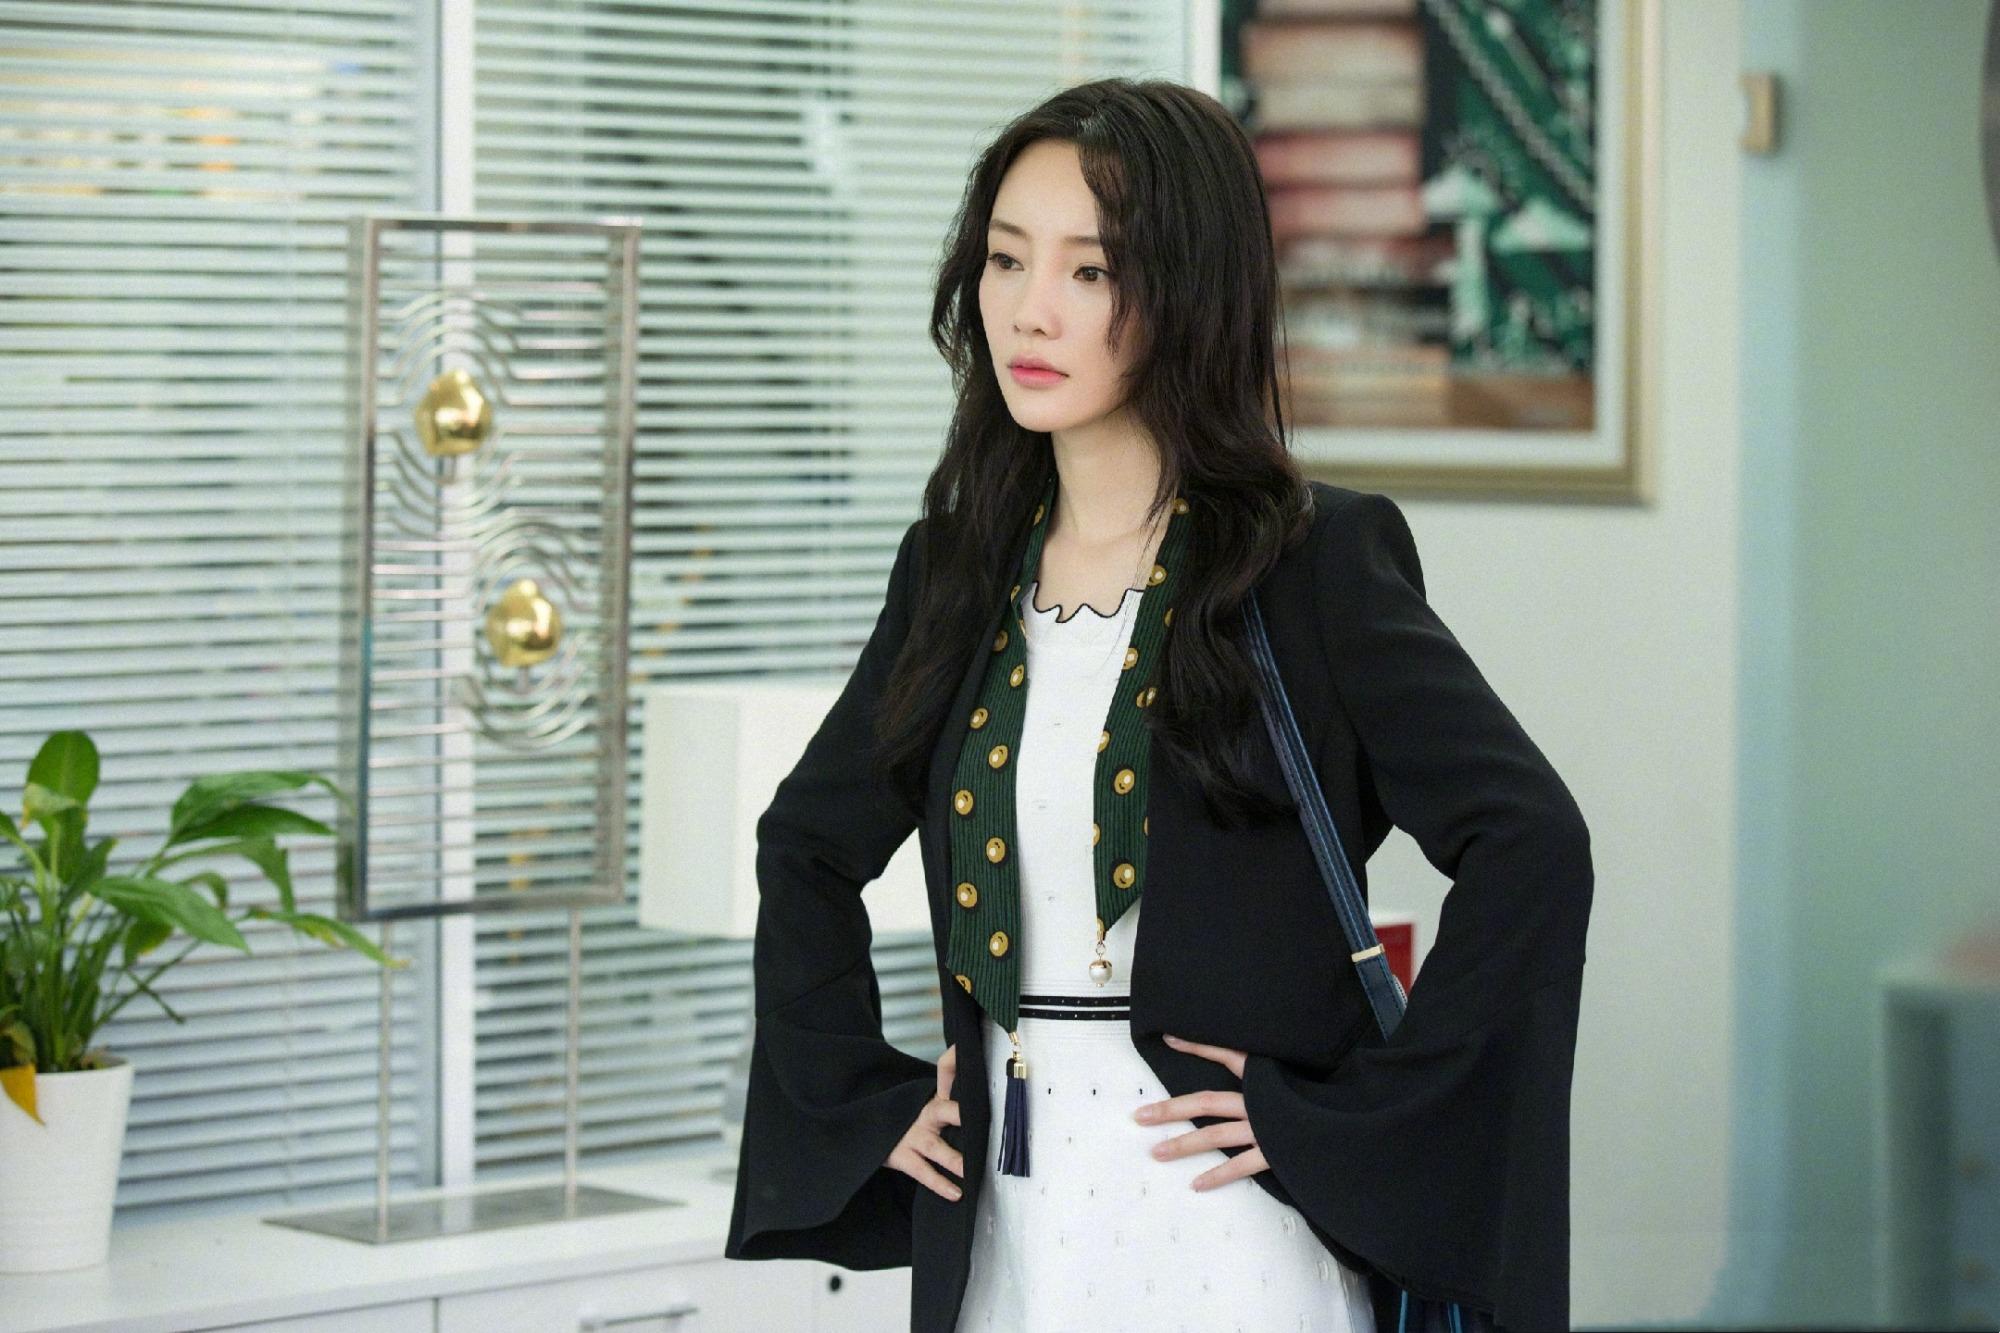 李小璐攜甜馨現身,母女又穿親子裝,粉色穿搭甜美吸睛卻顯廉價